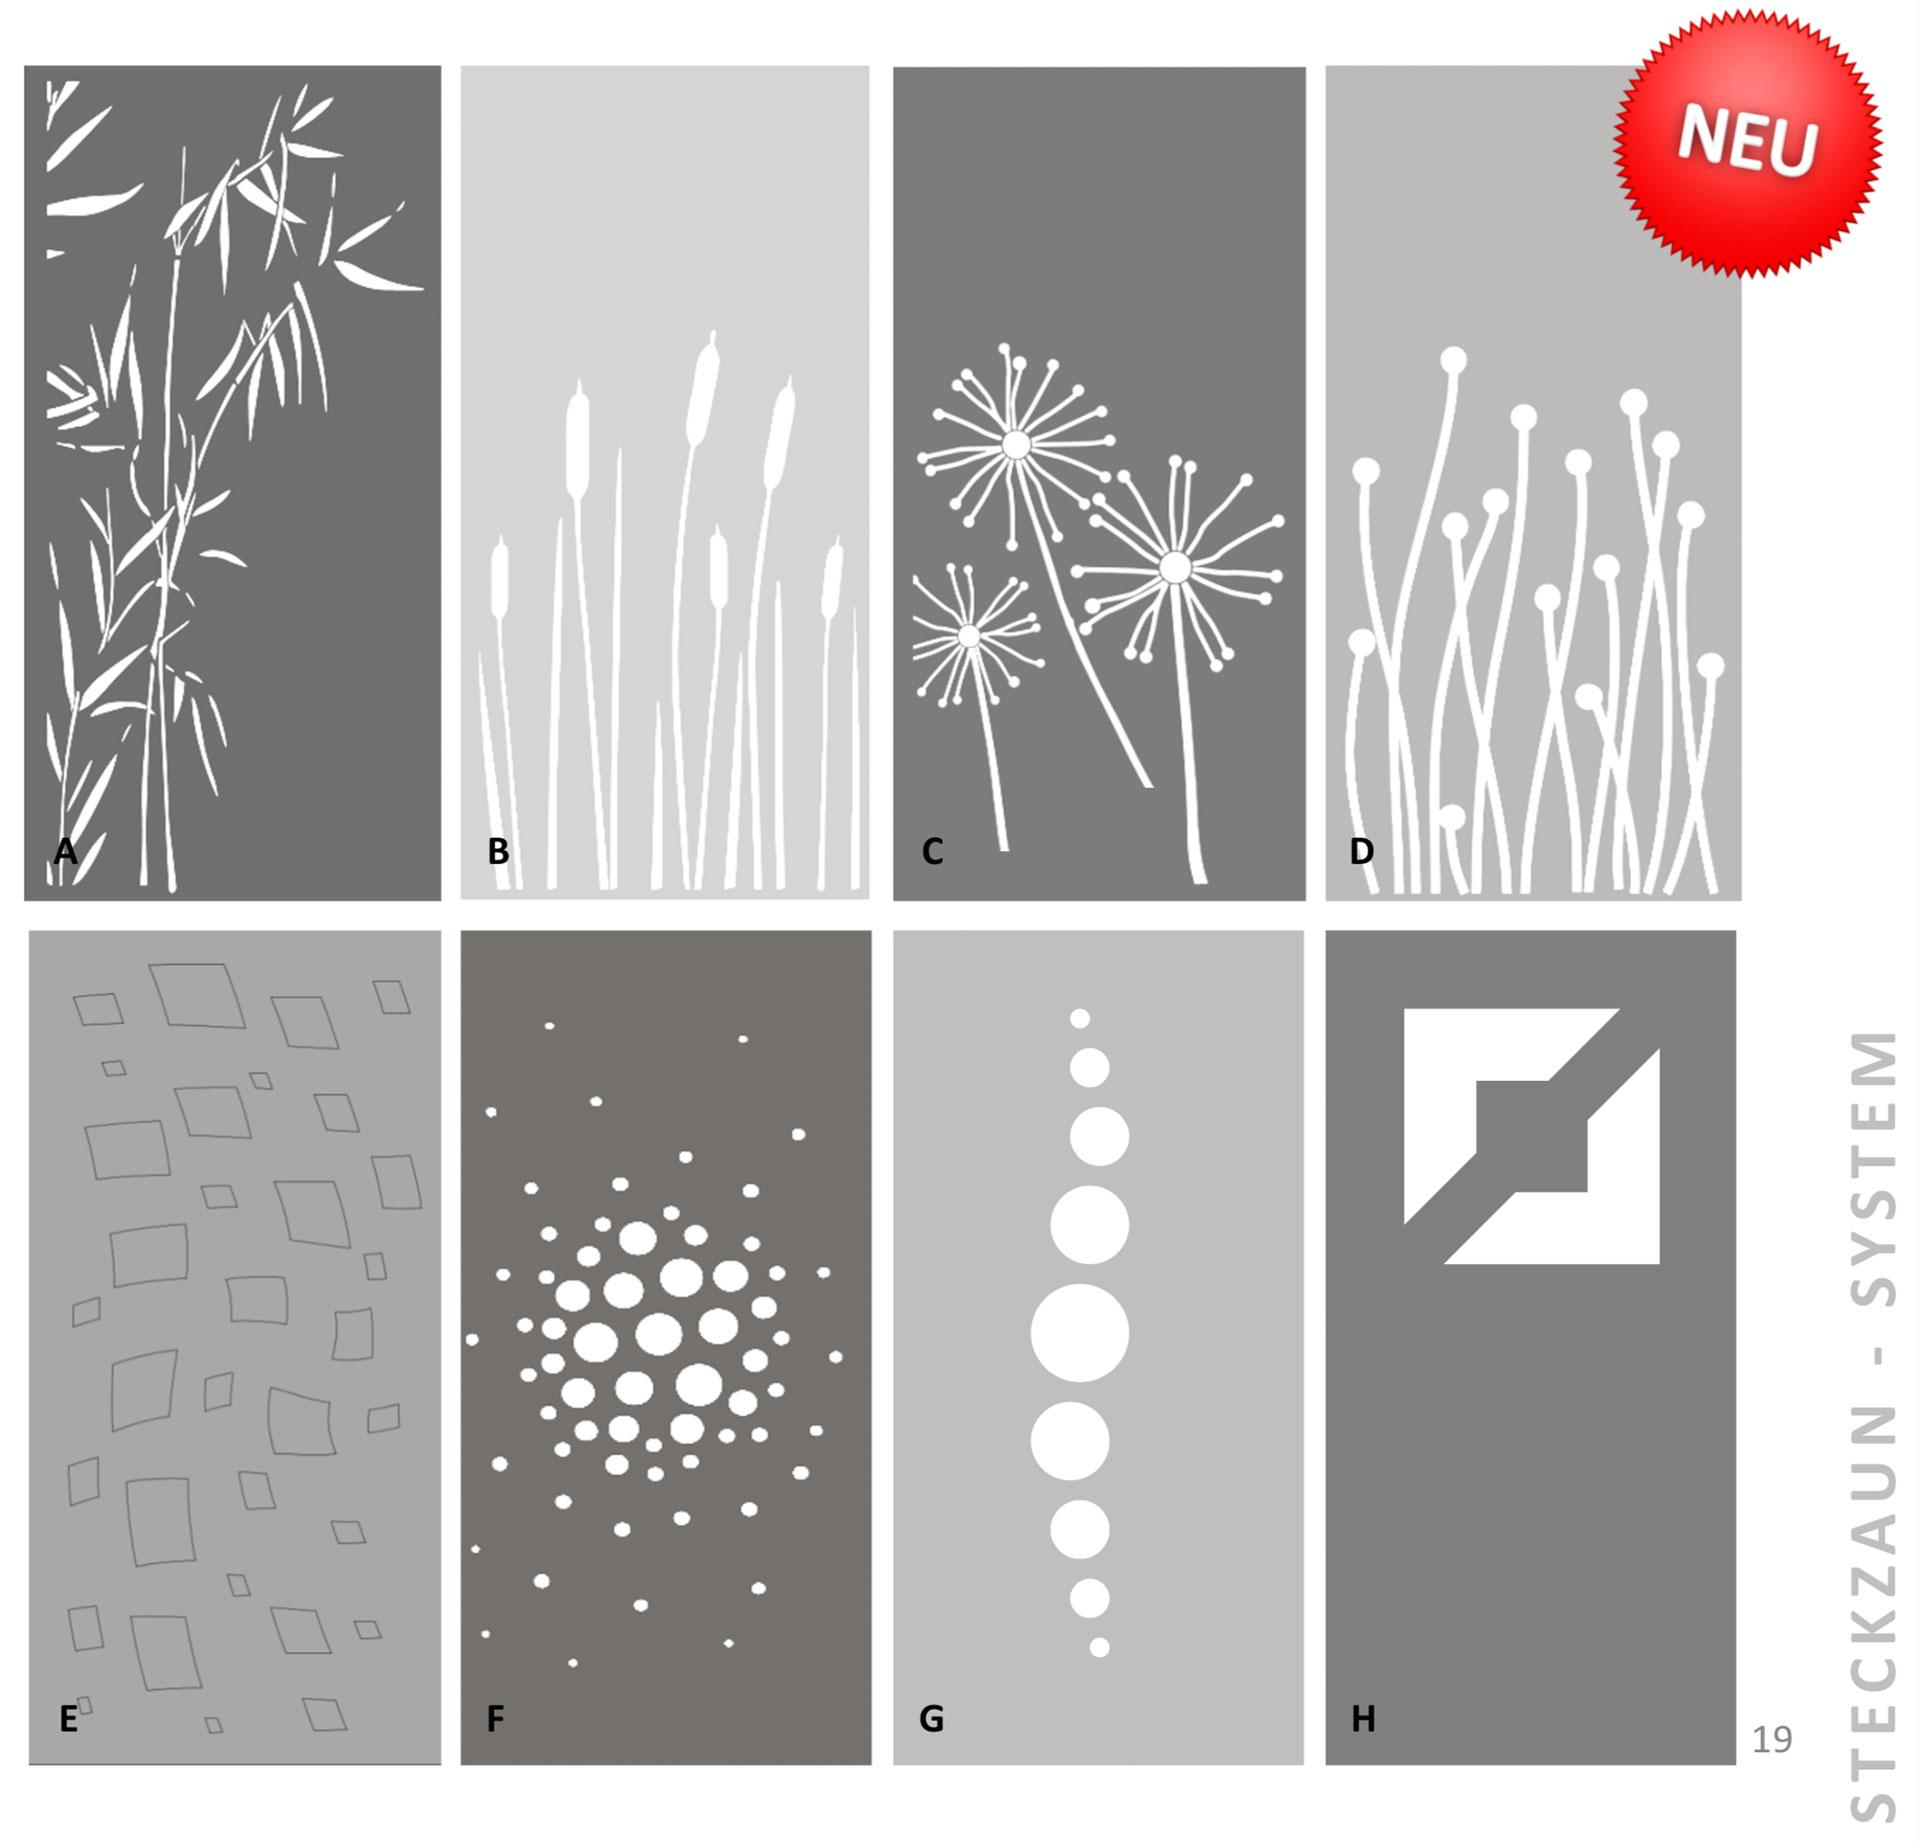 anroechter_steckzaun_design_elemente